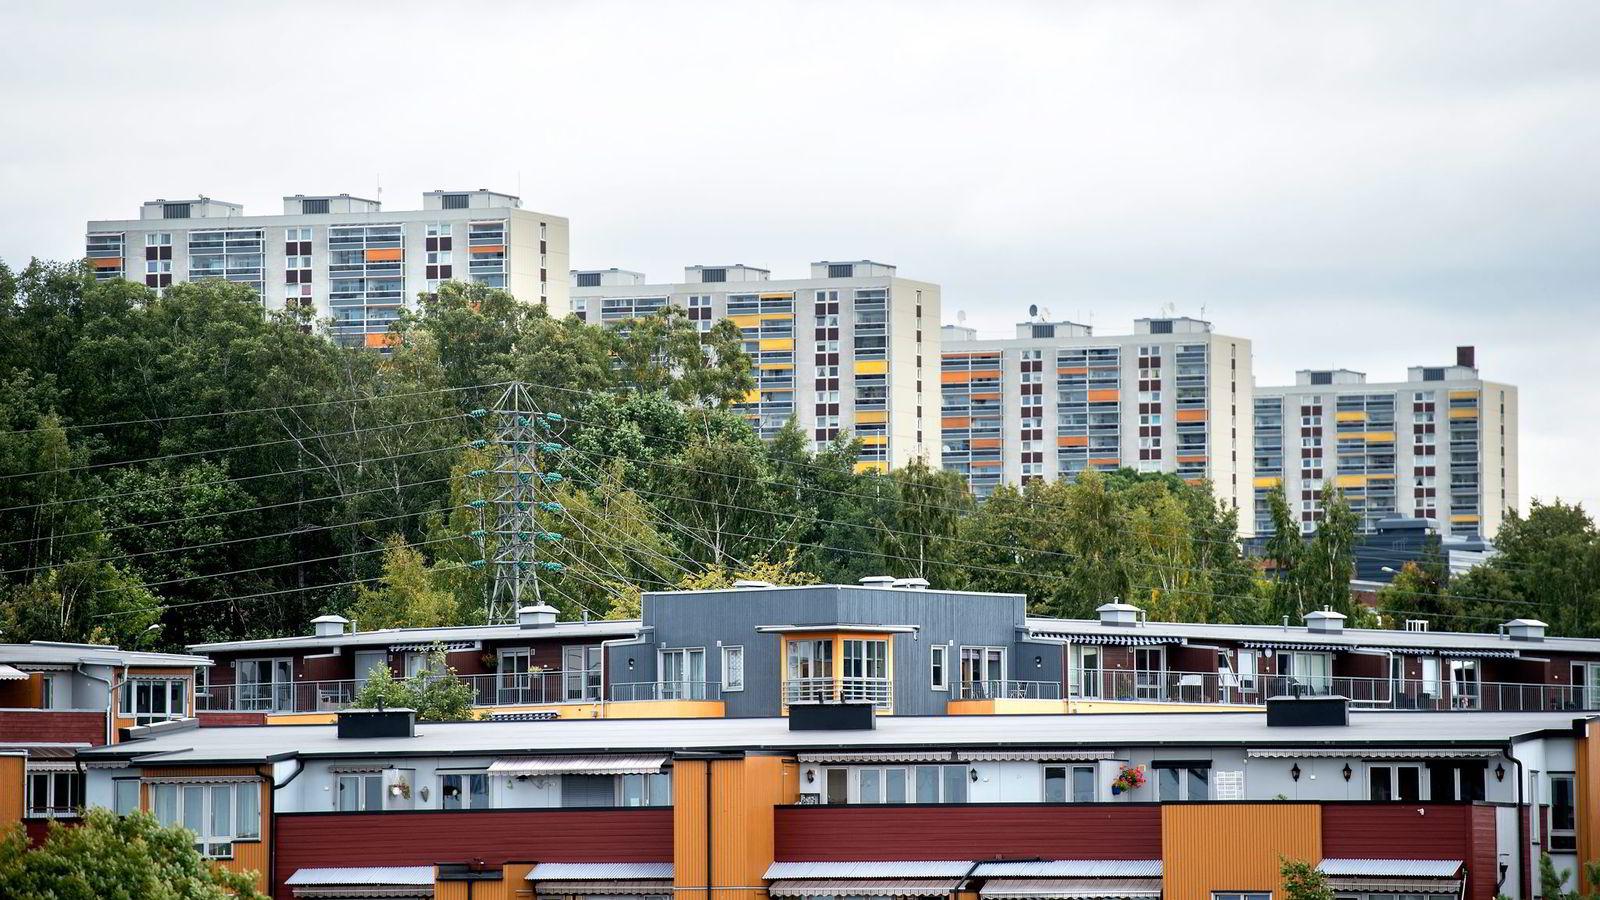 Hovedstaden har i dag en av Europas mest gjeldstyngede befolkninger. Hvordan kunne det skje?